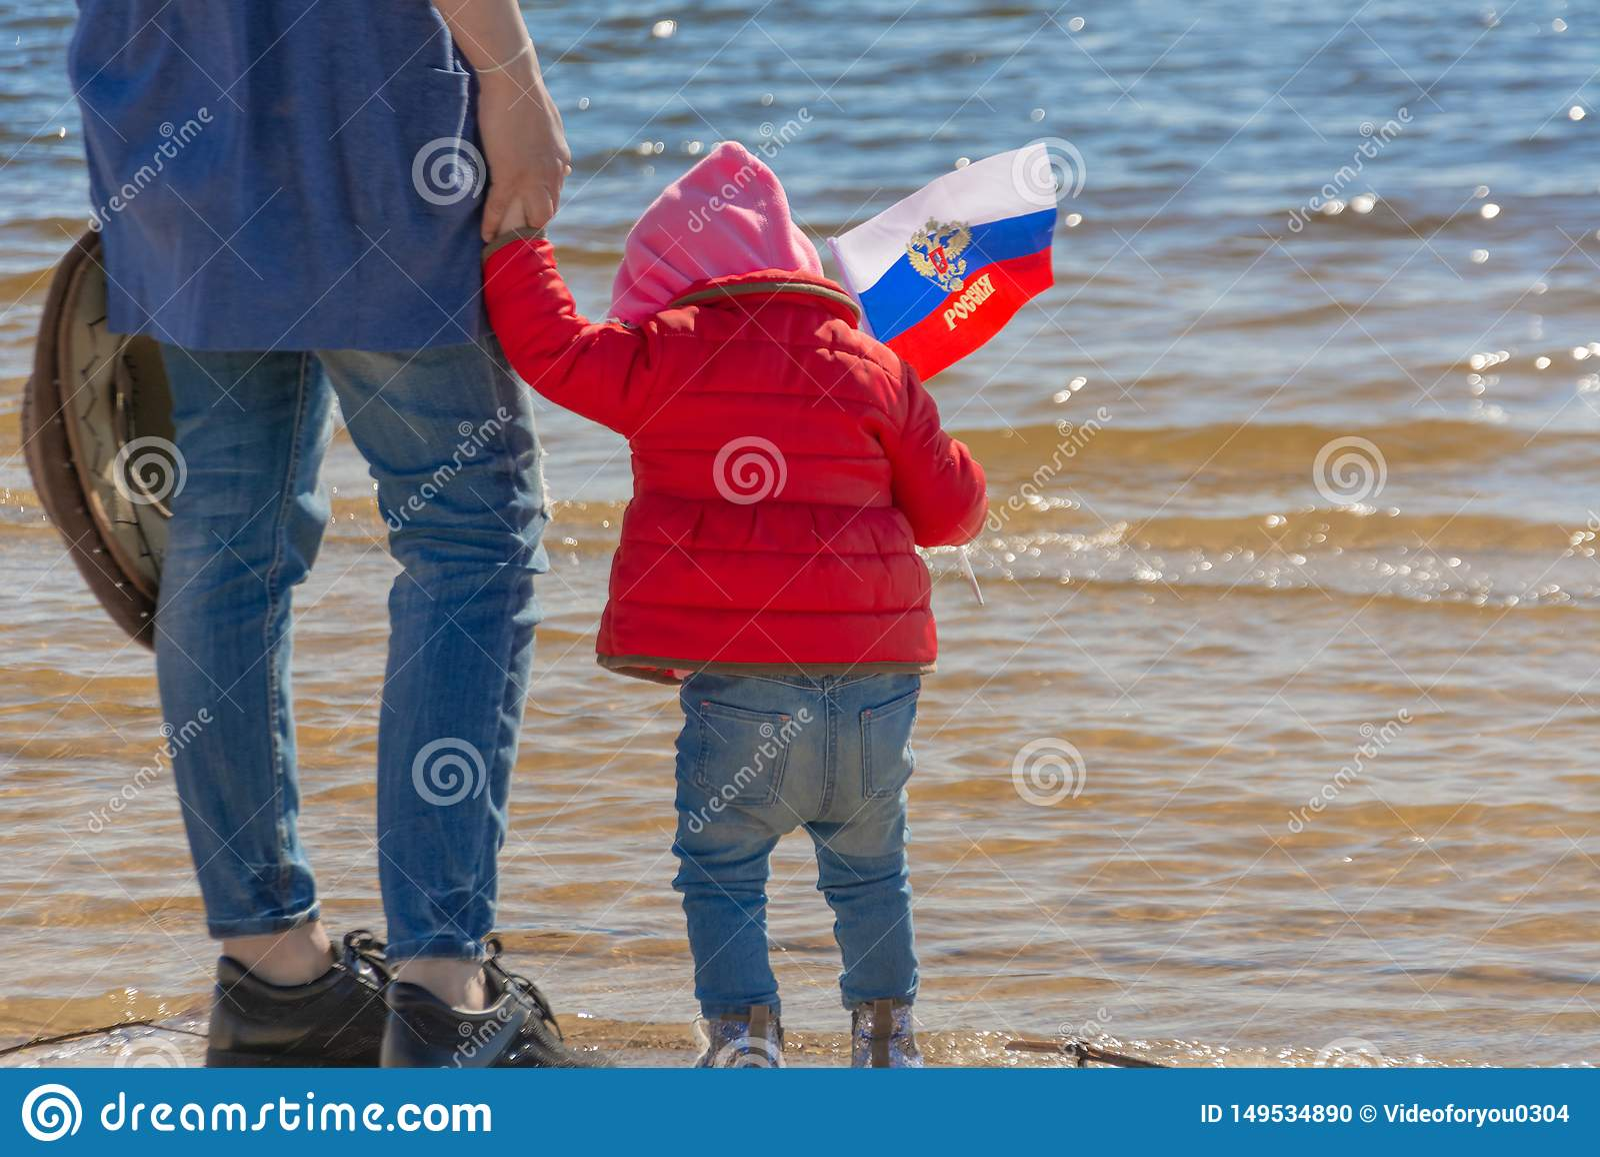 De Dag van Rusland Patriottische vakantie Gelukkig leuk jong geitje, weinig kindmeisje met de vlag van Rusland Mamma met een kind